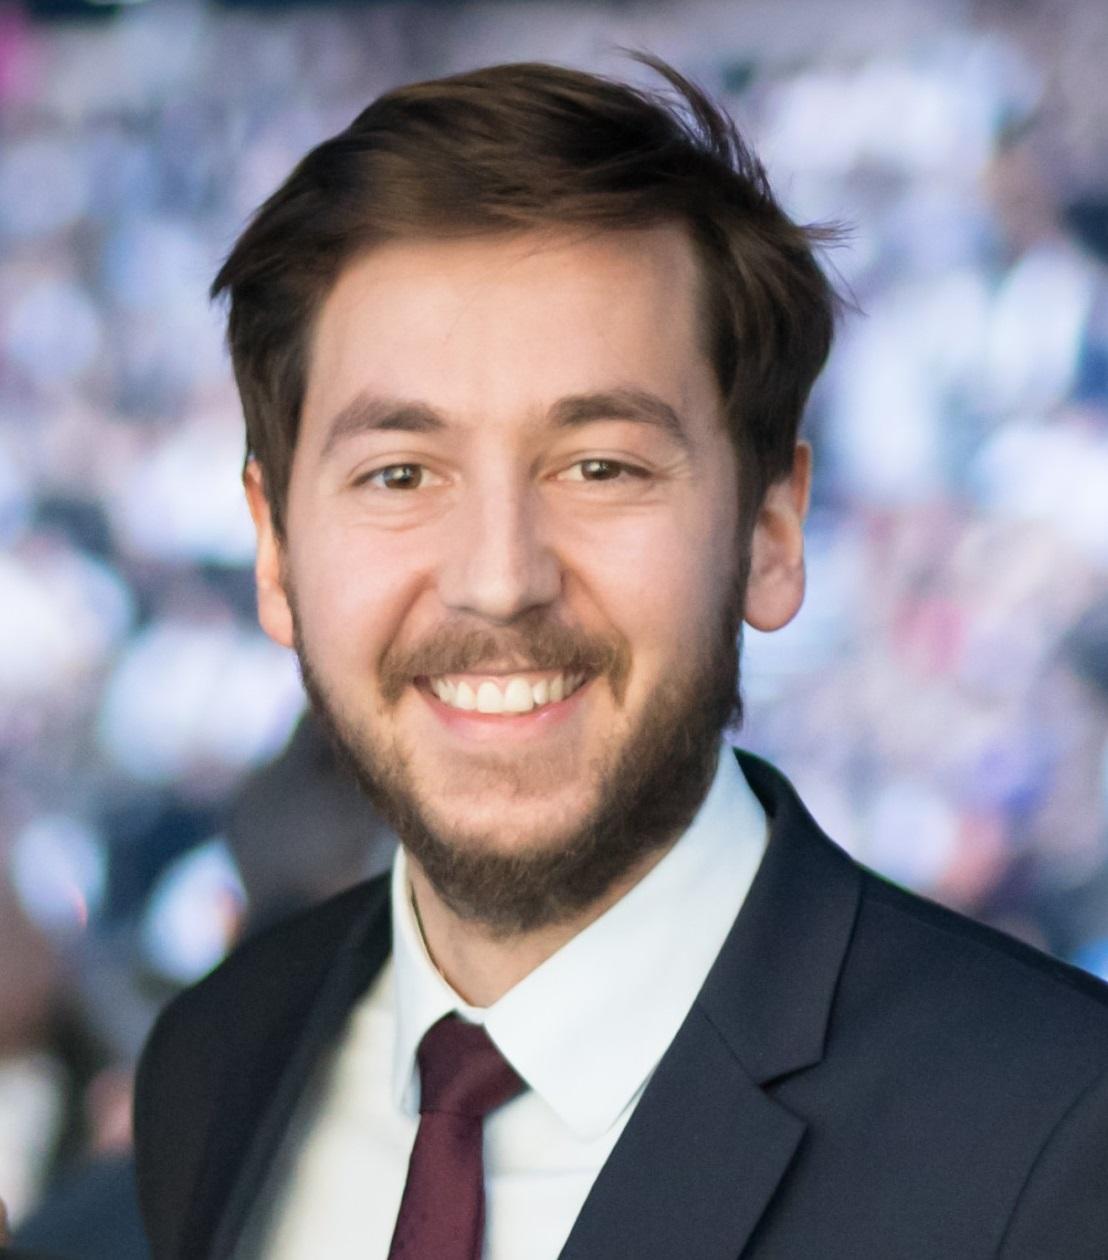 Allan MATHIEU, Conseiller de clientèle Privée au sein de la Banque Populaire Auvergne Rhône Alpes